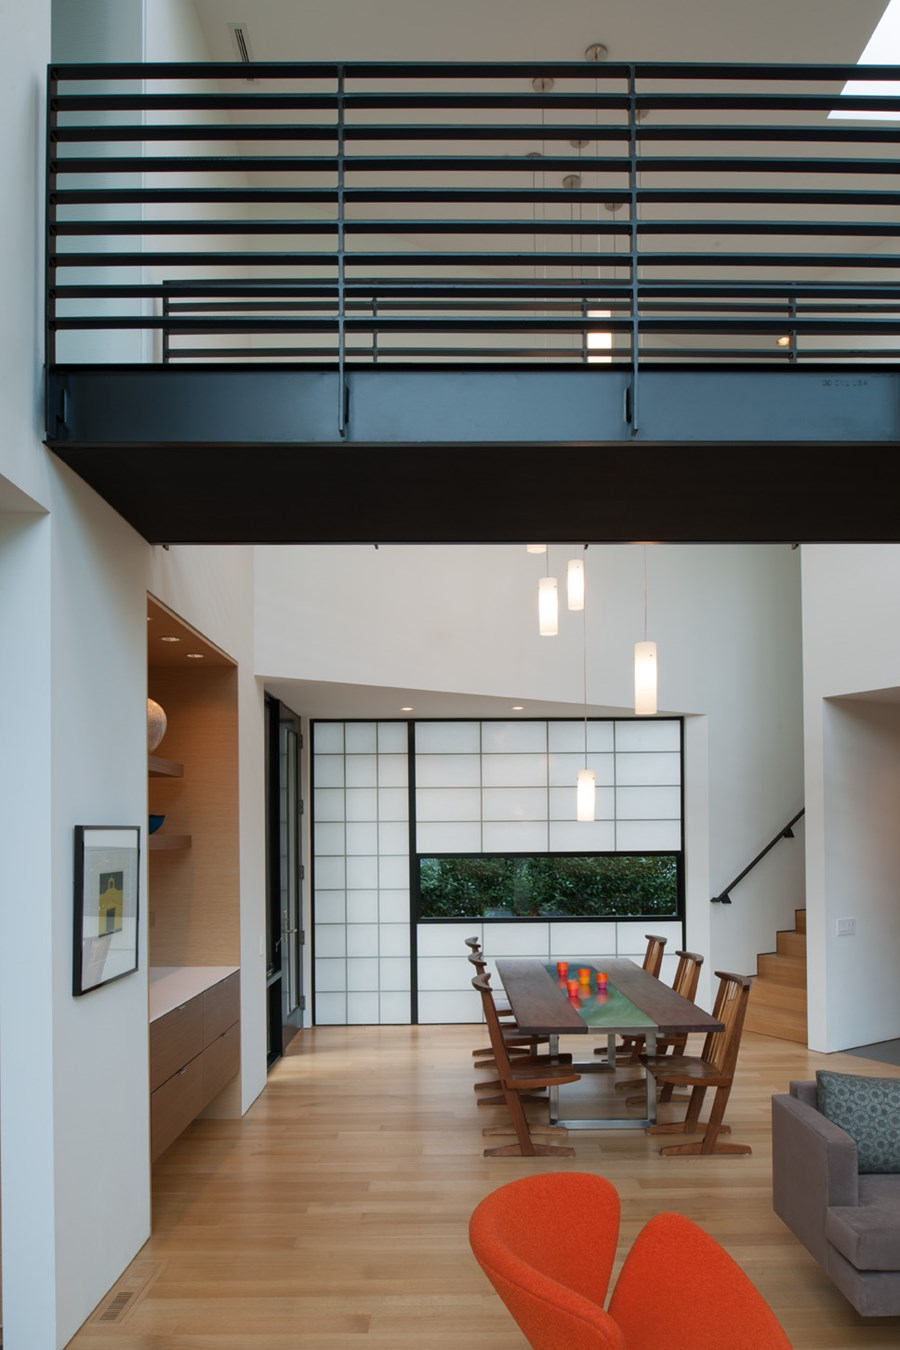 Komai by Robert M. Gurney, FAIA  Architect 04